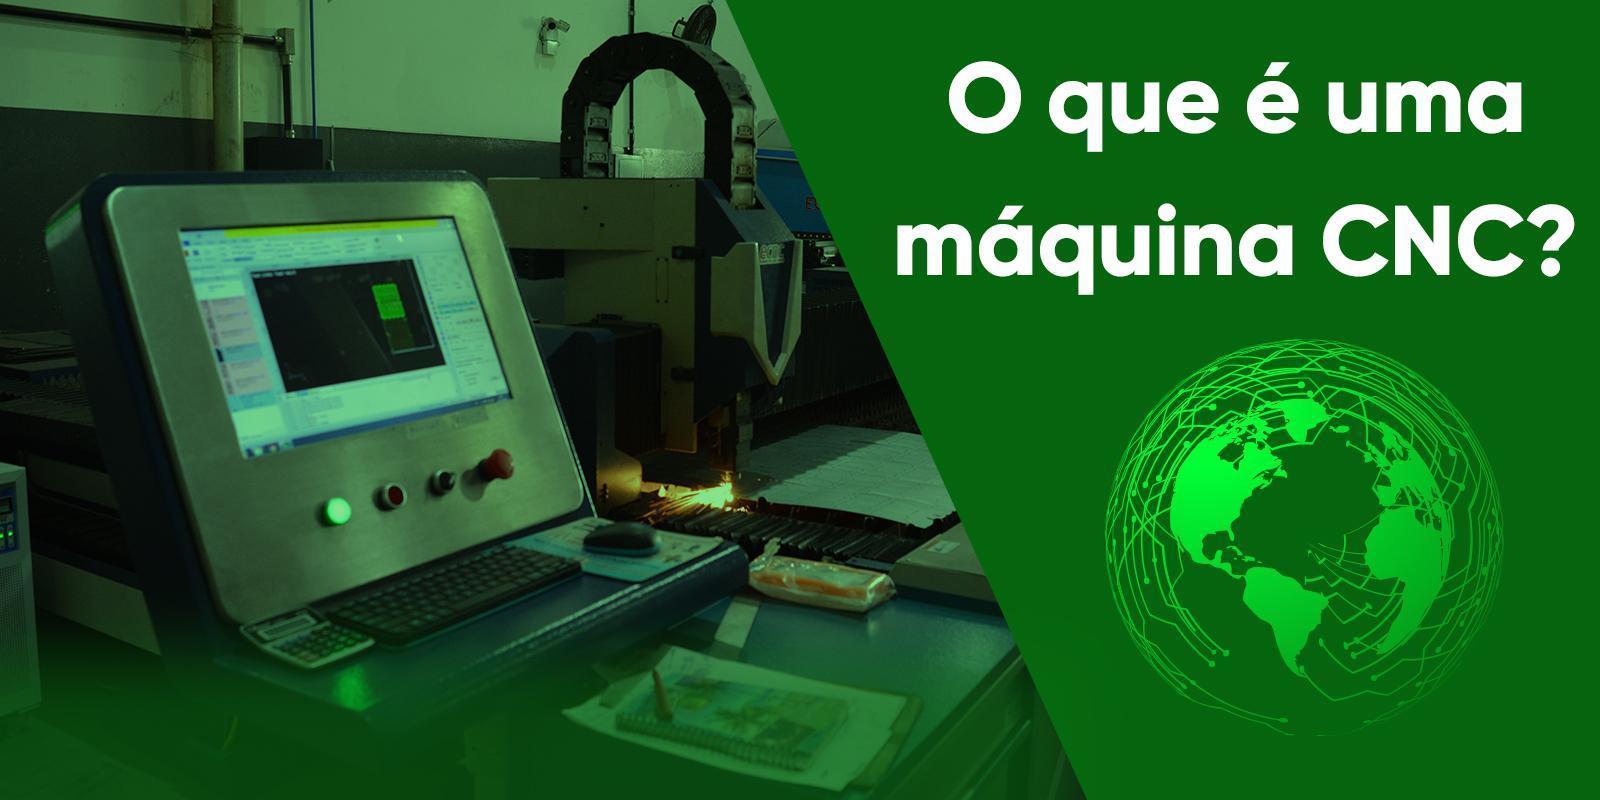 O que é uma máquina CNC?